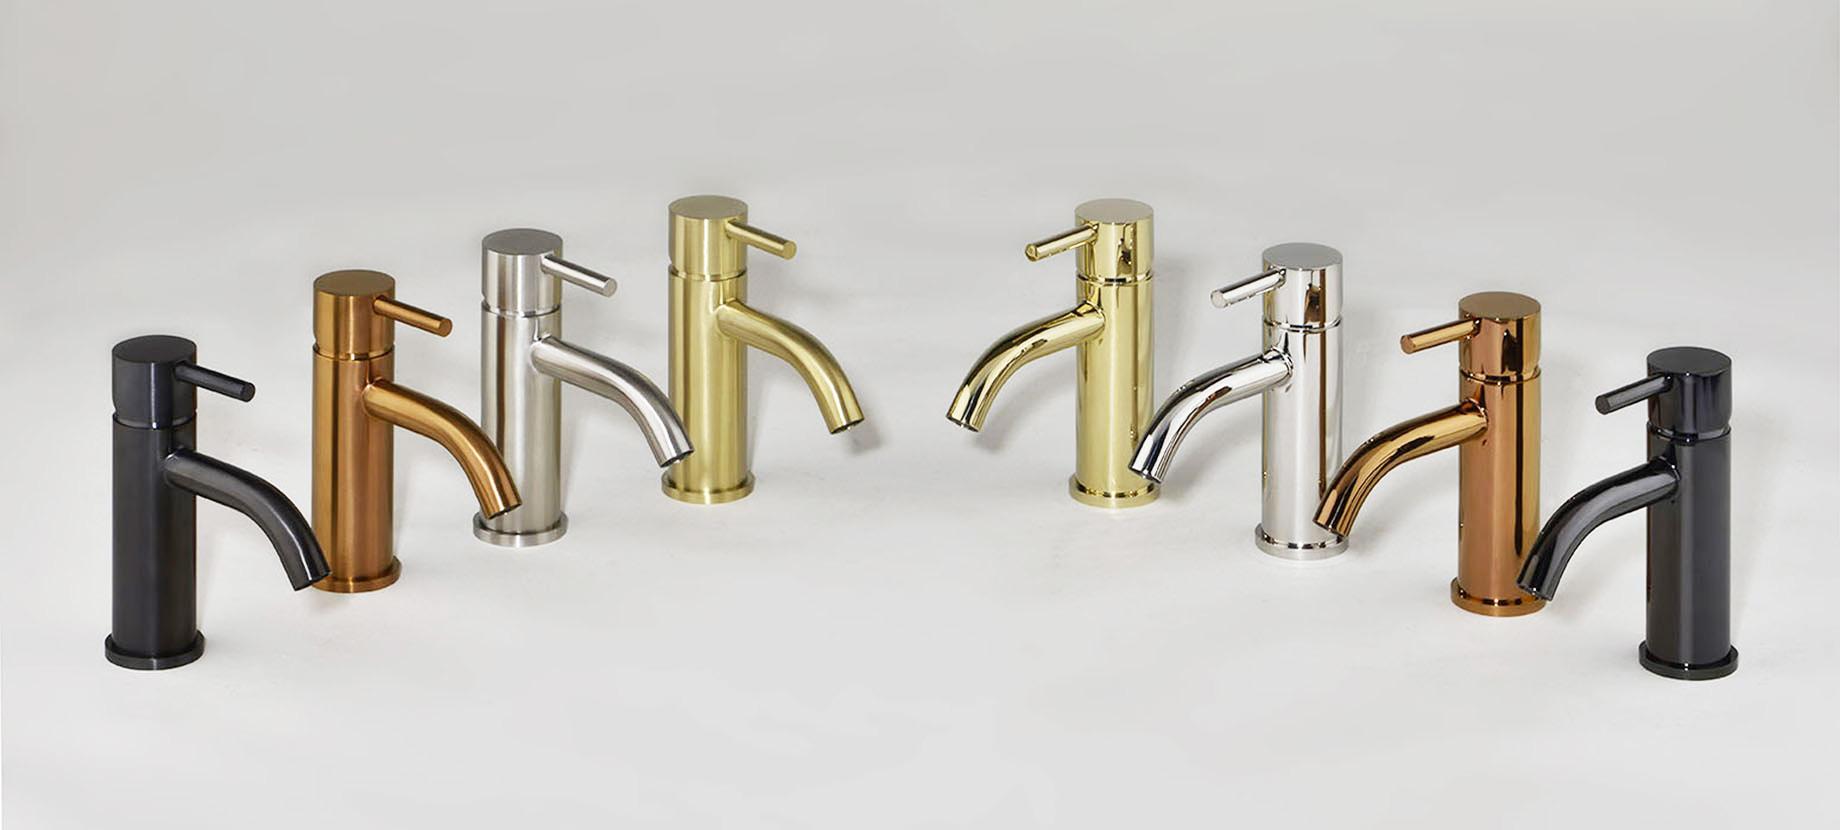 APM, rubinetteria in acciaio inox per Bagno, Cucina e Wellness